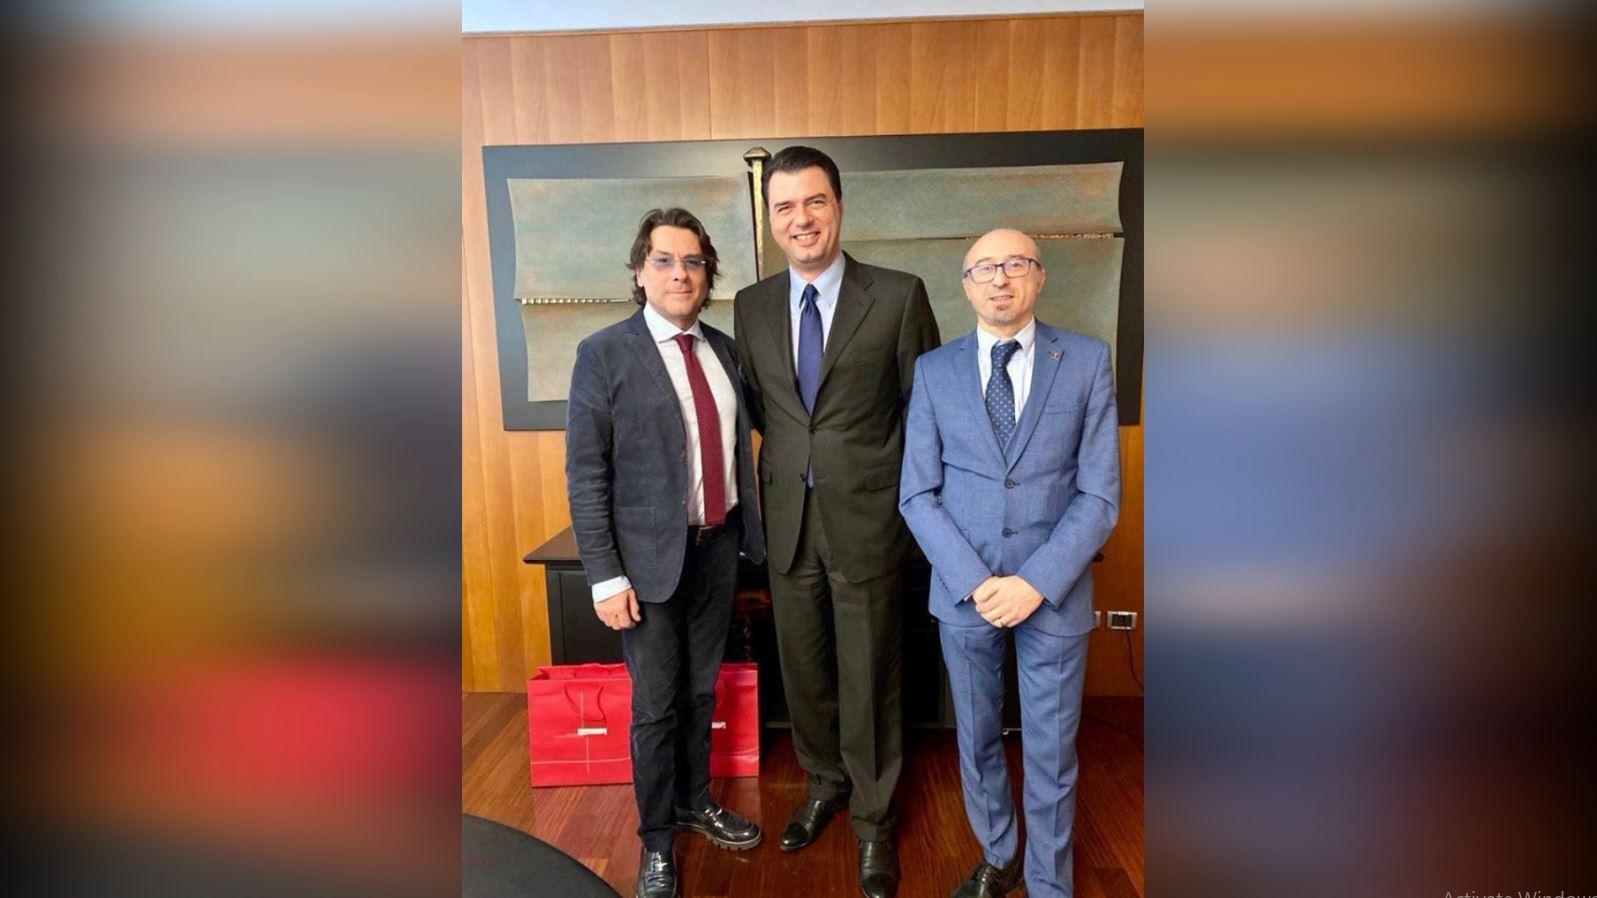 Basha takohet me përfaqësuesit e biznesit në Udine: Prioritet i qeverisjes së PD investimet e huaja